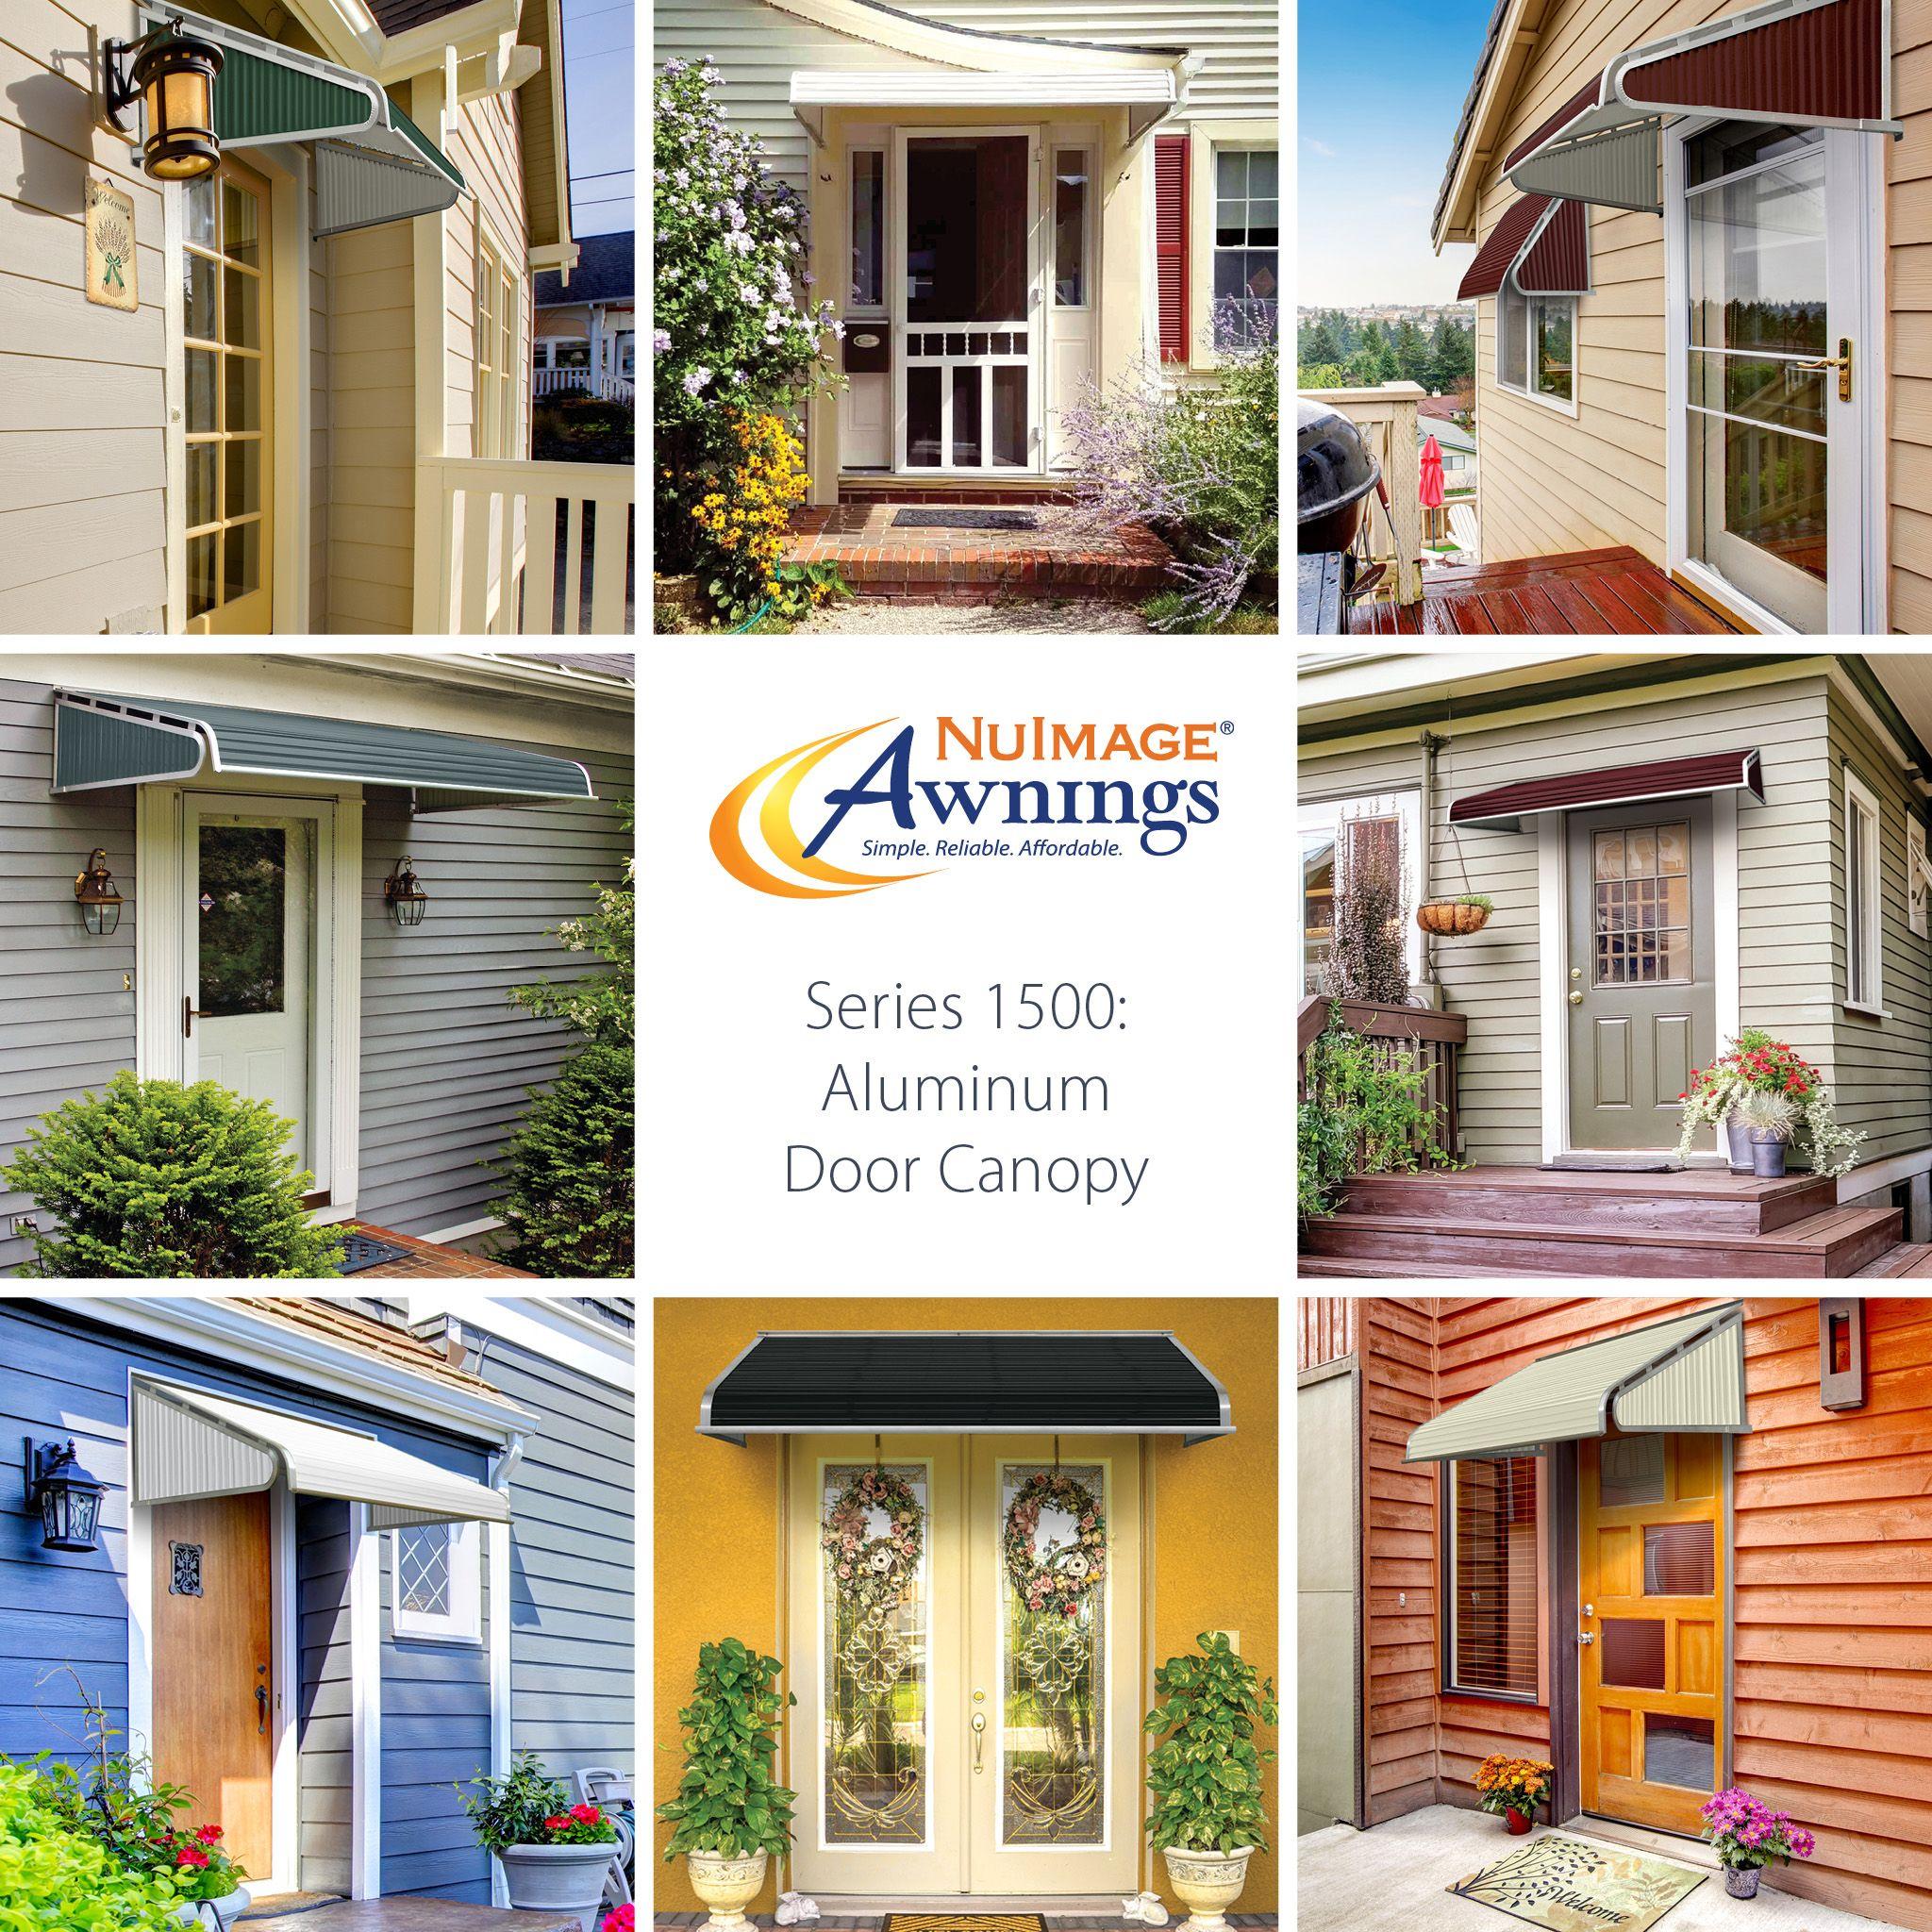 awnings awning series pin canopy aluminum nuimage door